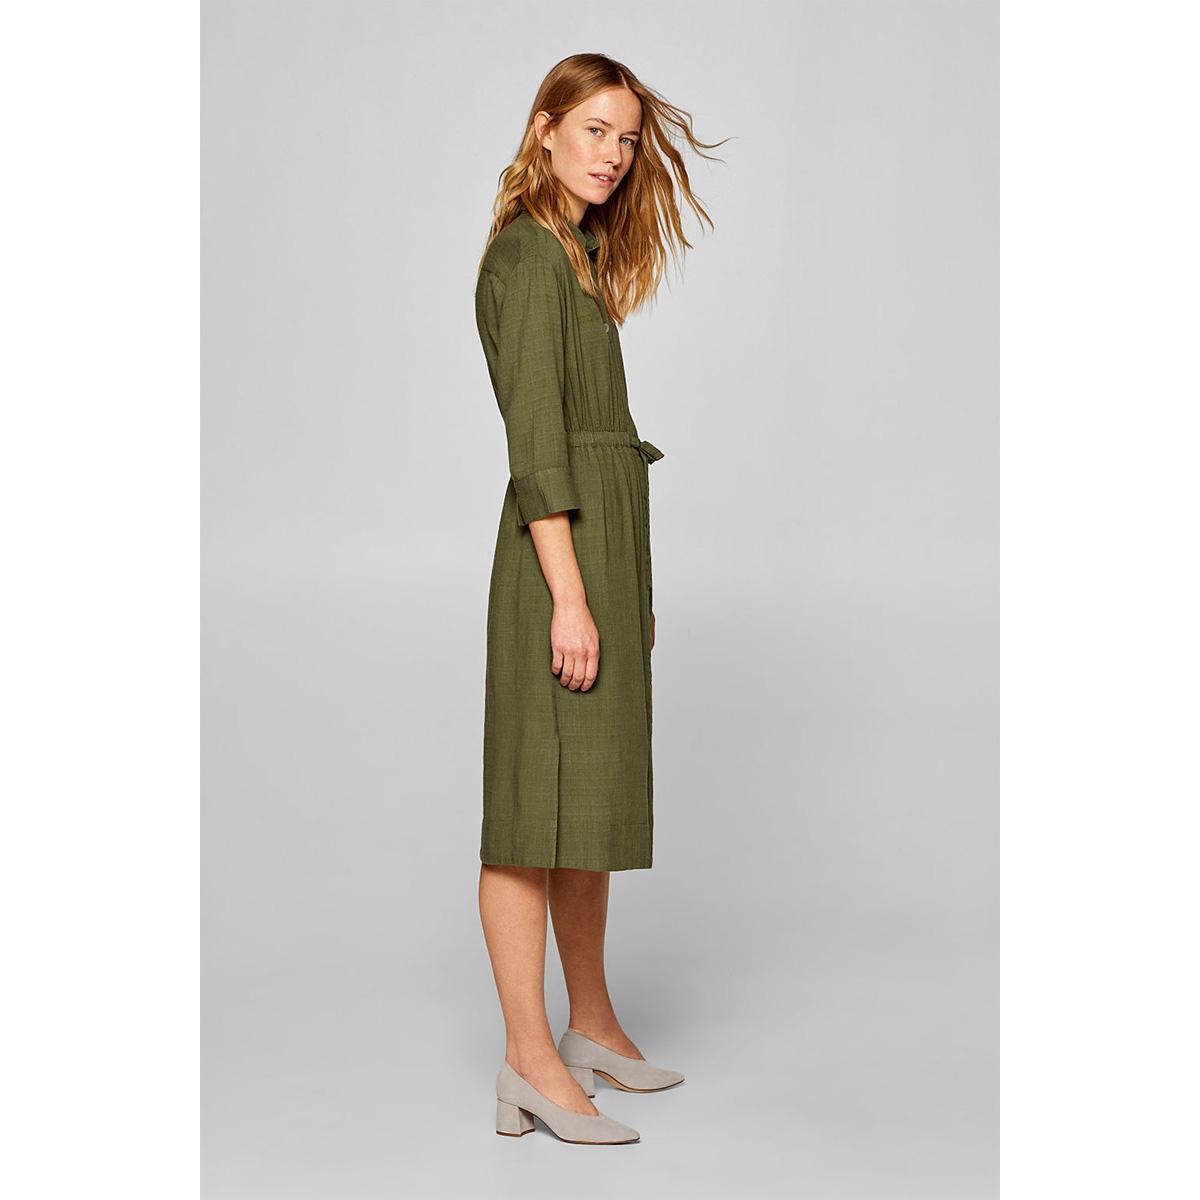 overhemd jurk in crinkle look 039cc1e007 edc jurk c365